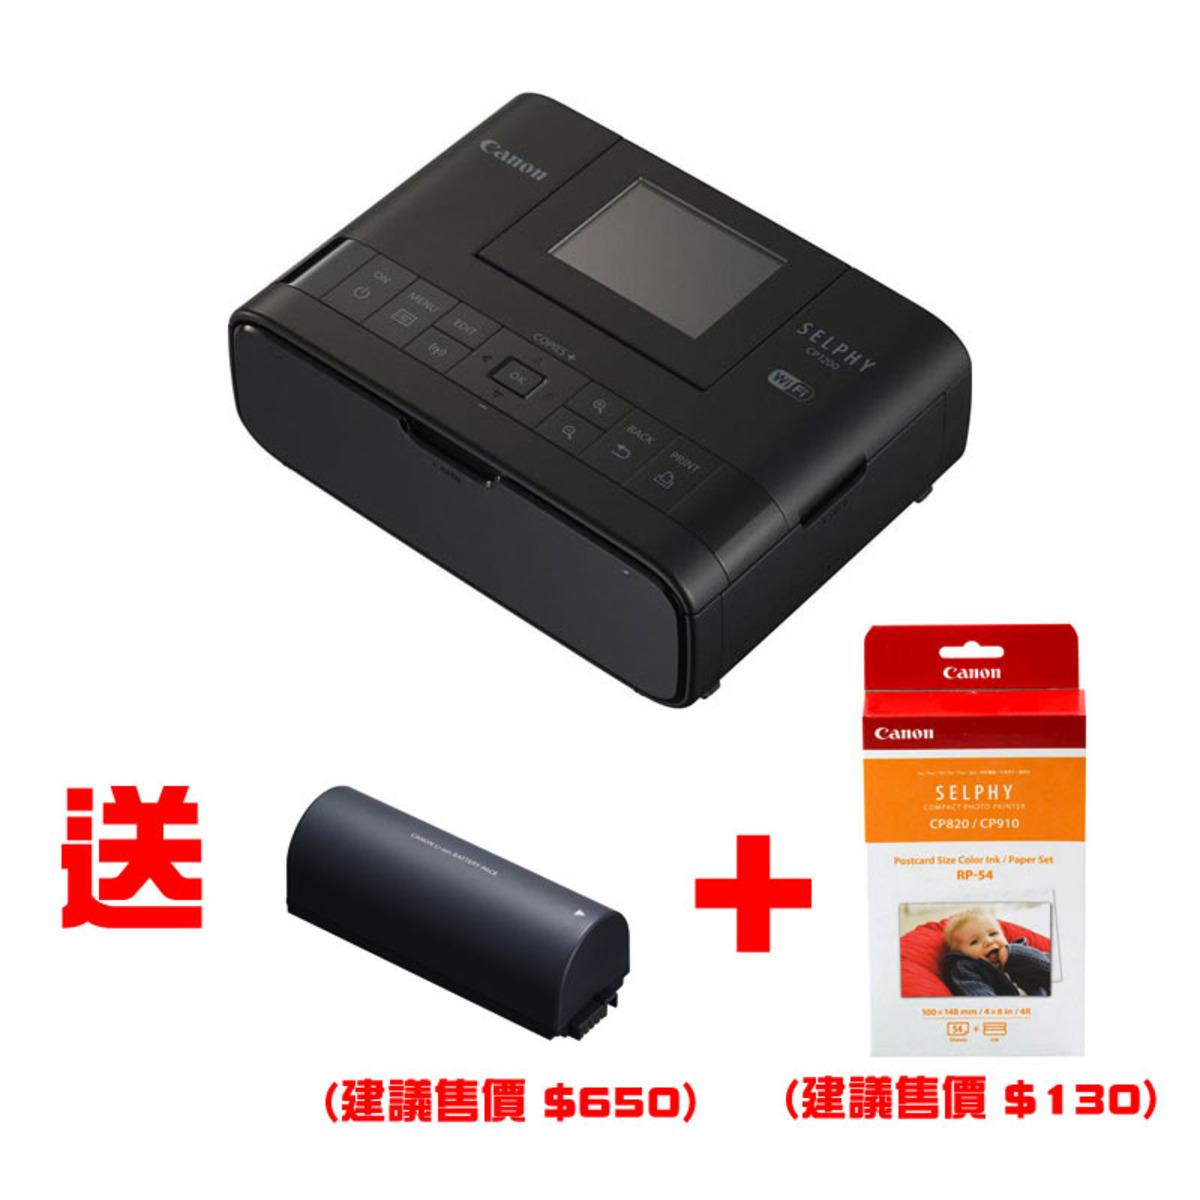 [送54張相紙及NB-CP2LH電池] 4R相片無線打印機 Selphy CP1200 黑色